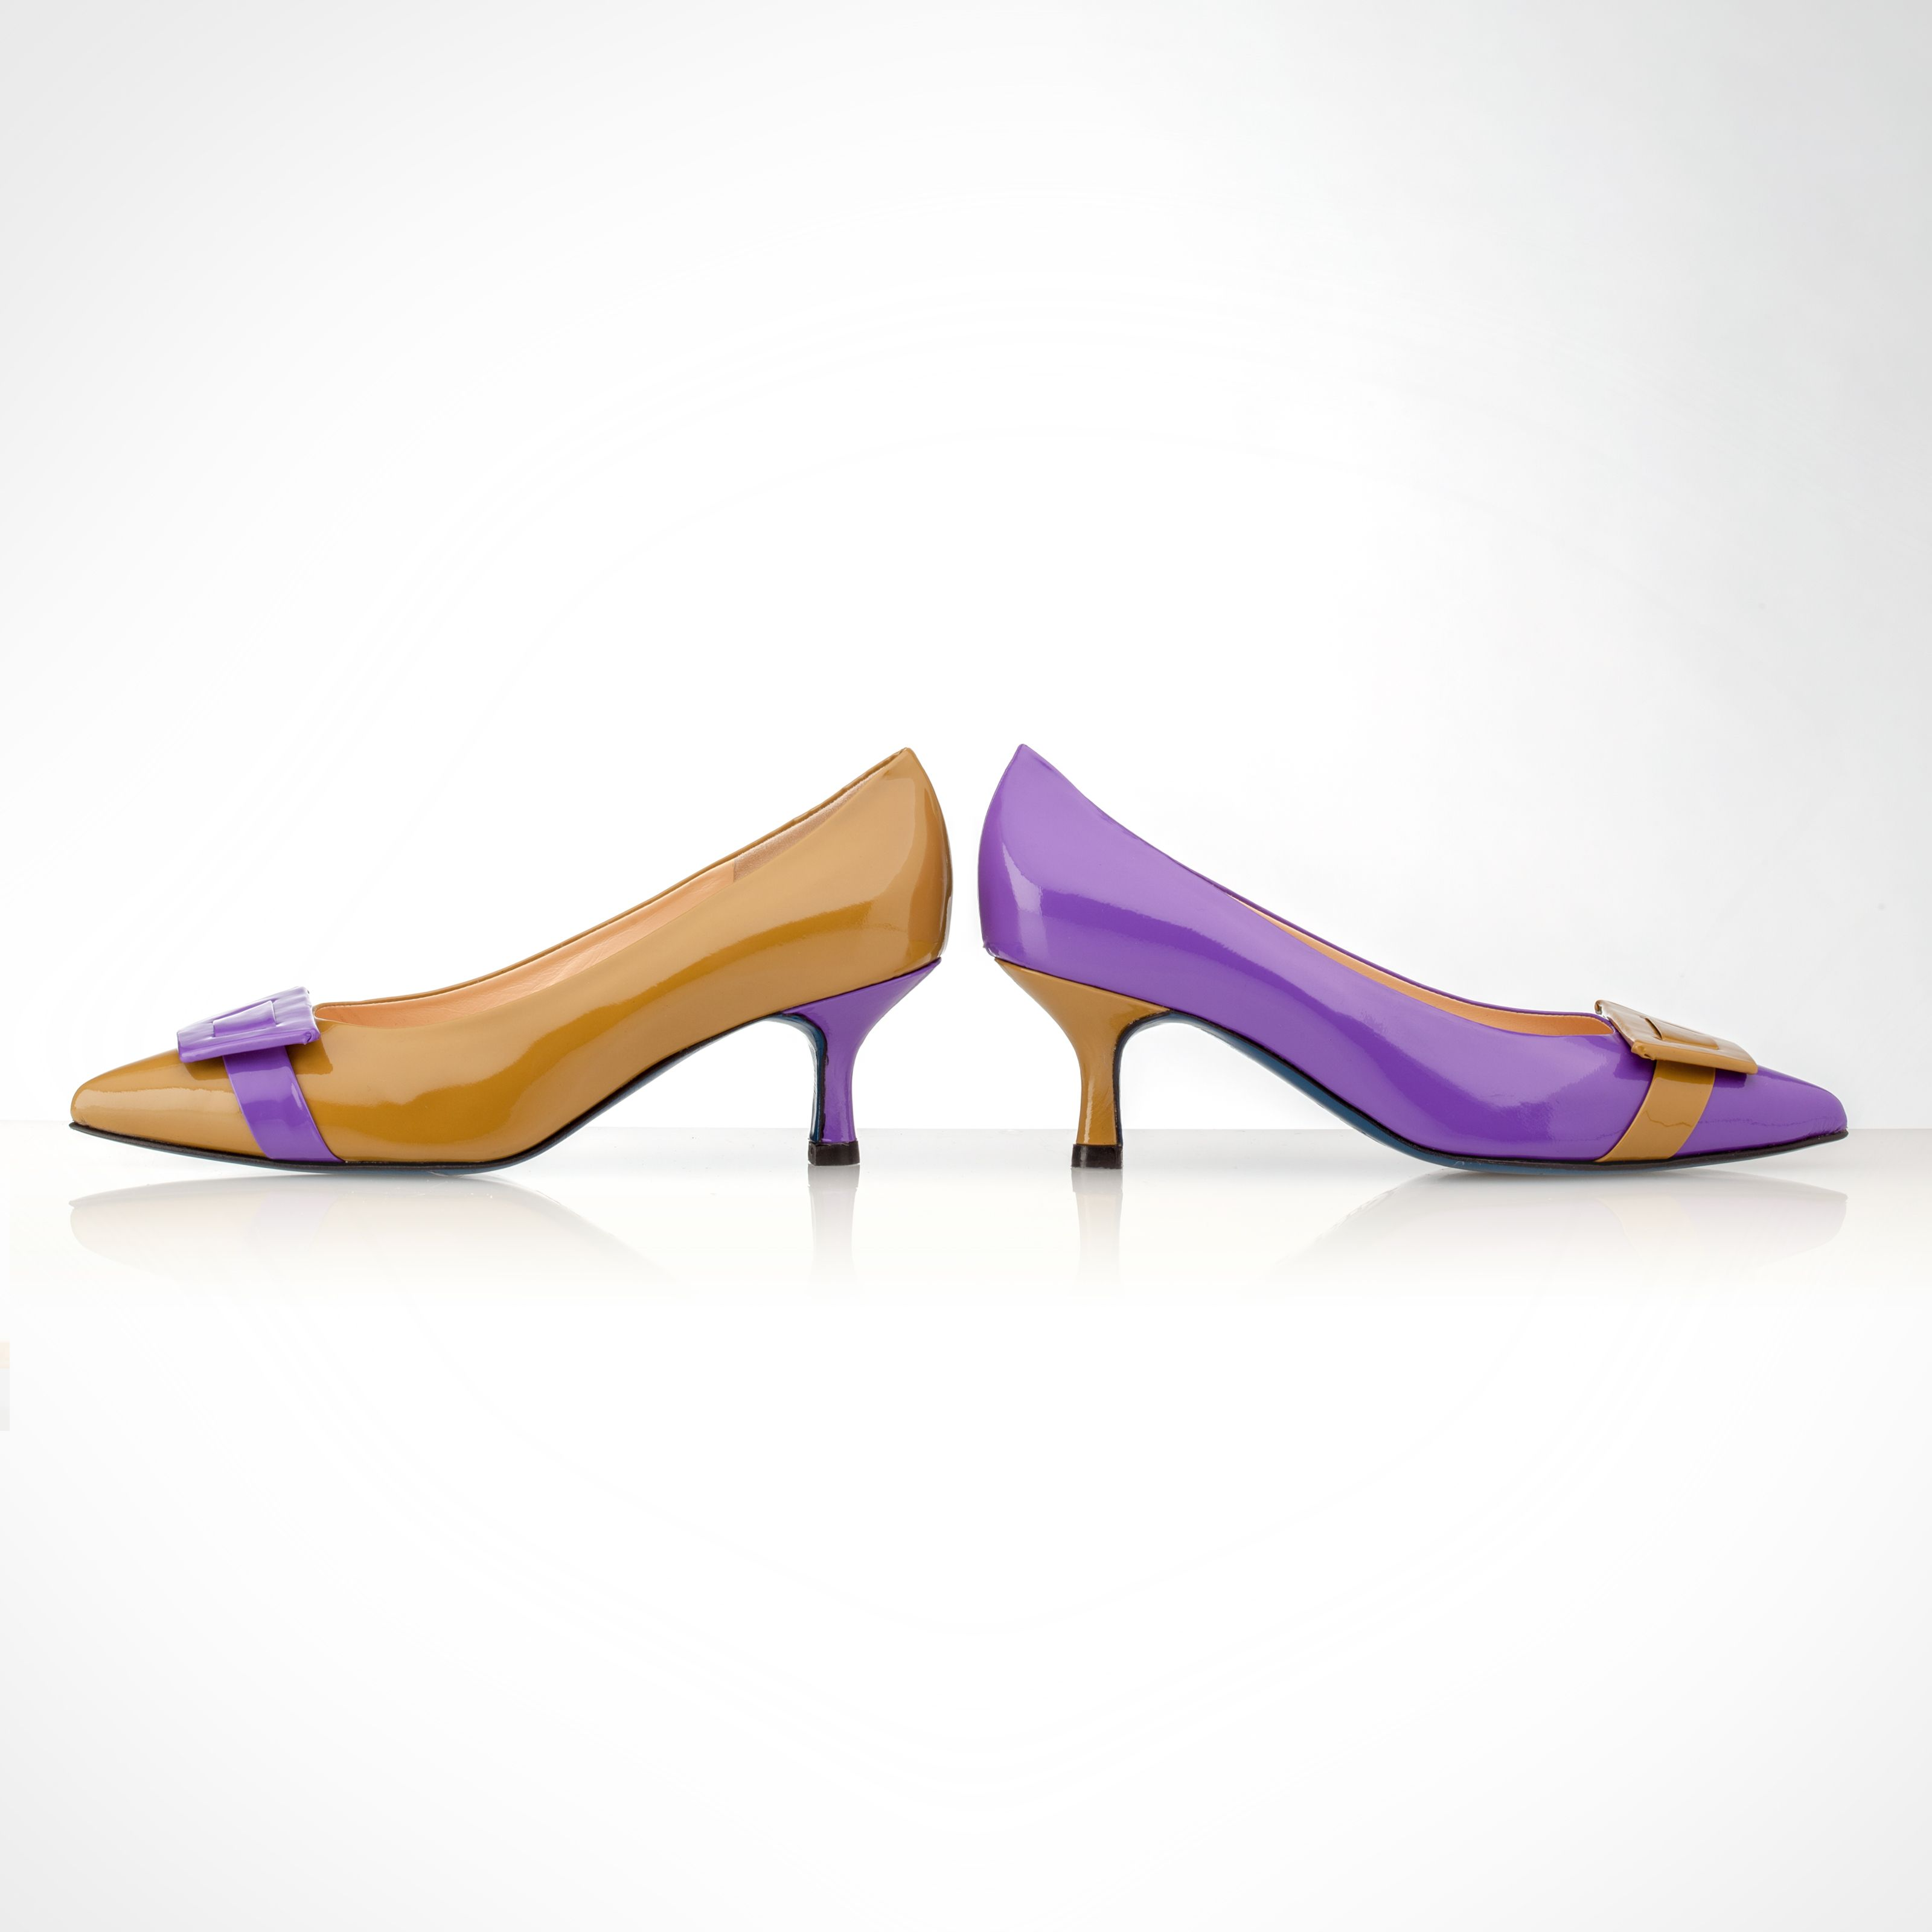 96fc0ce61142 Asymmetric pumps purple and mustard.  asymmetricpumps  mismatchedpumps   amalclooney  style  fashion  shoes  pumps www.figinifootwear.it